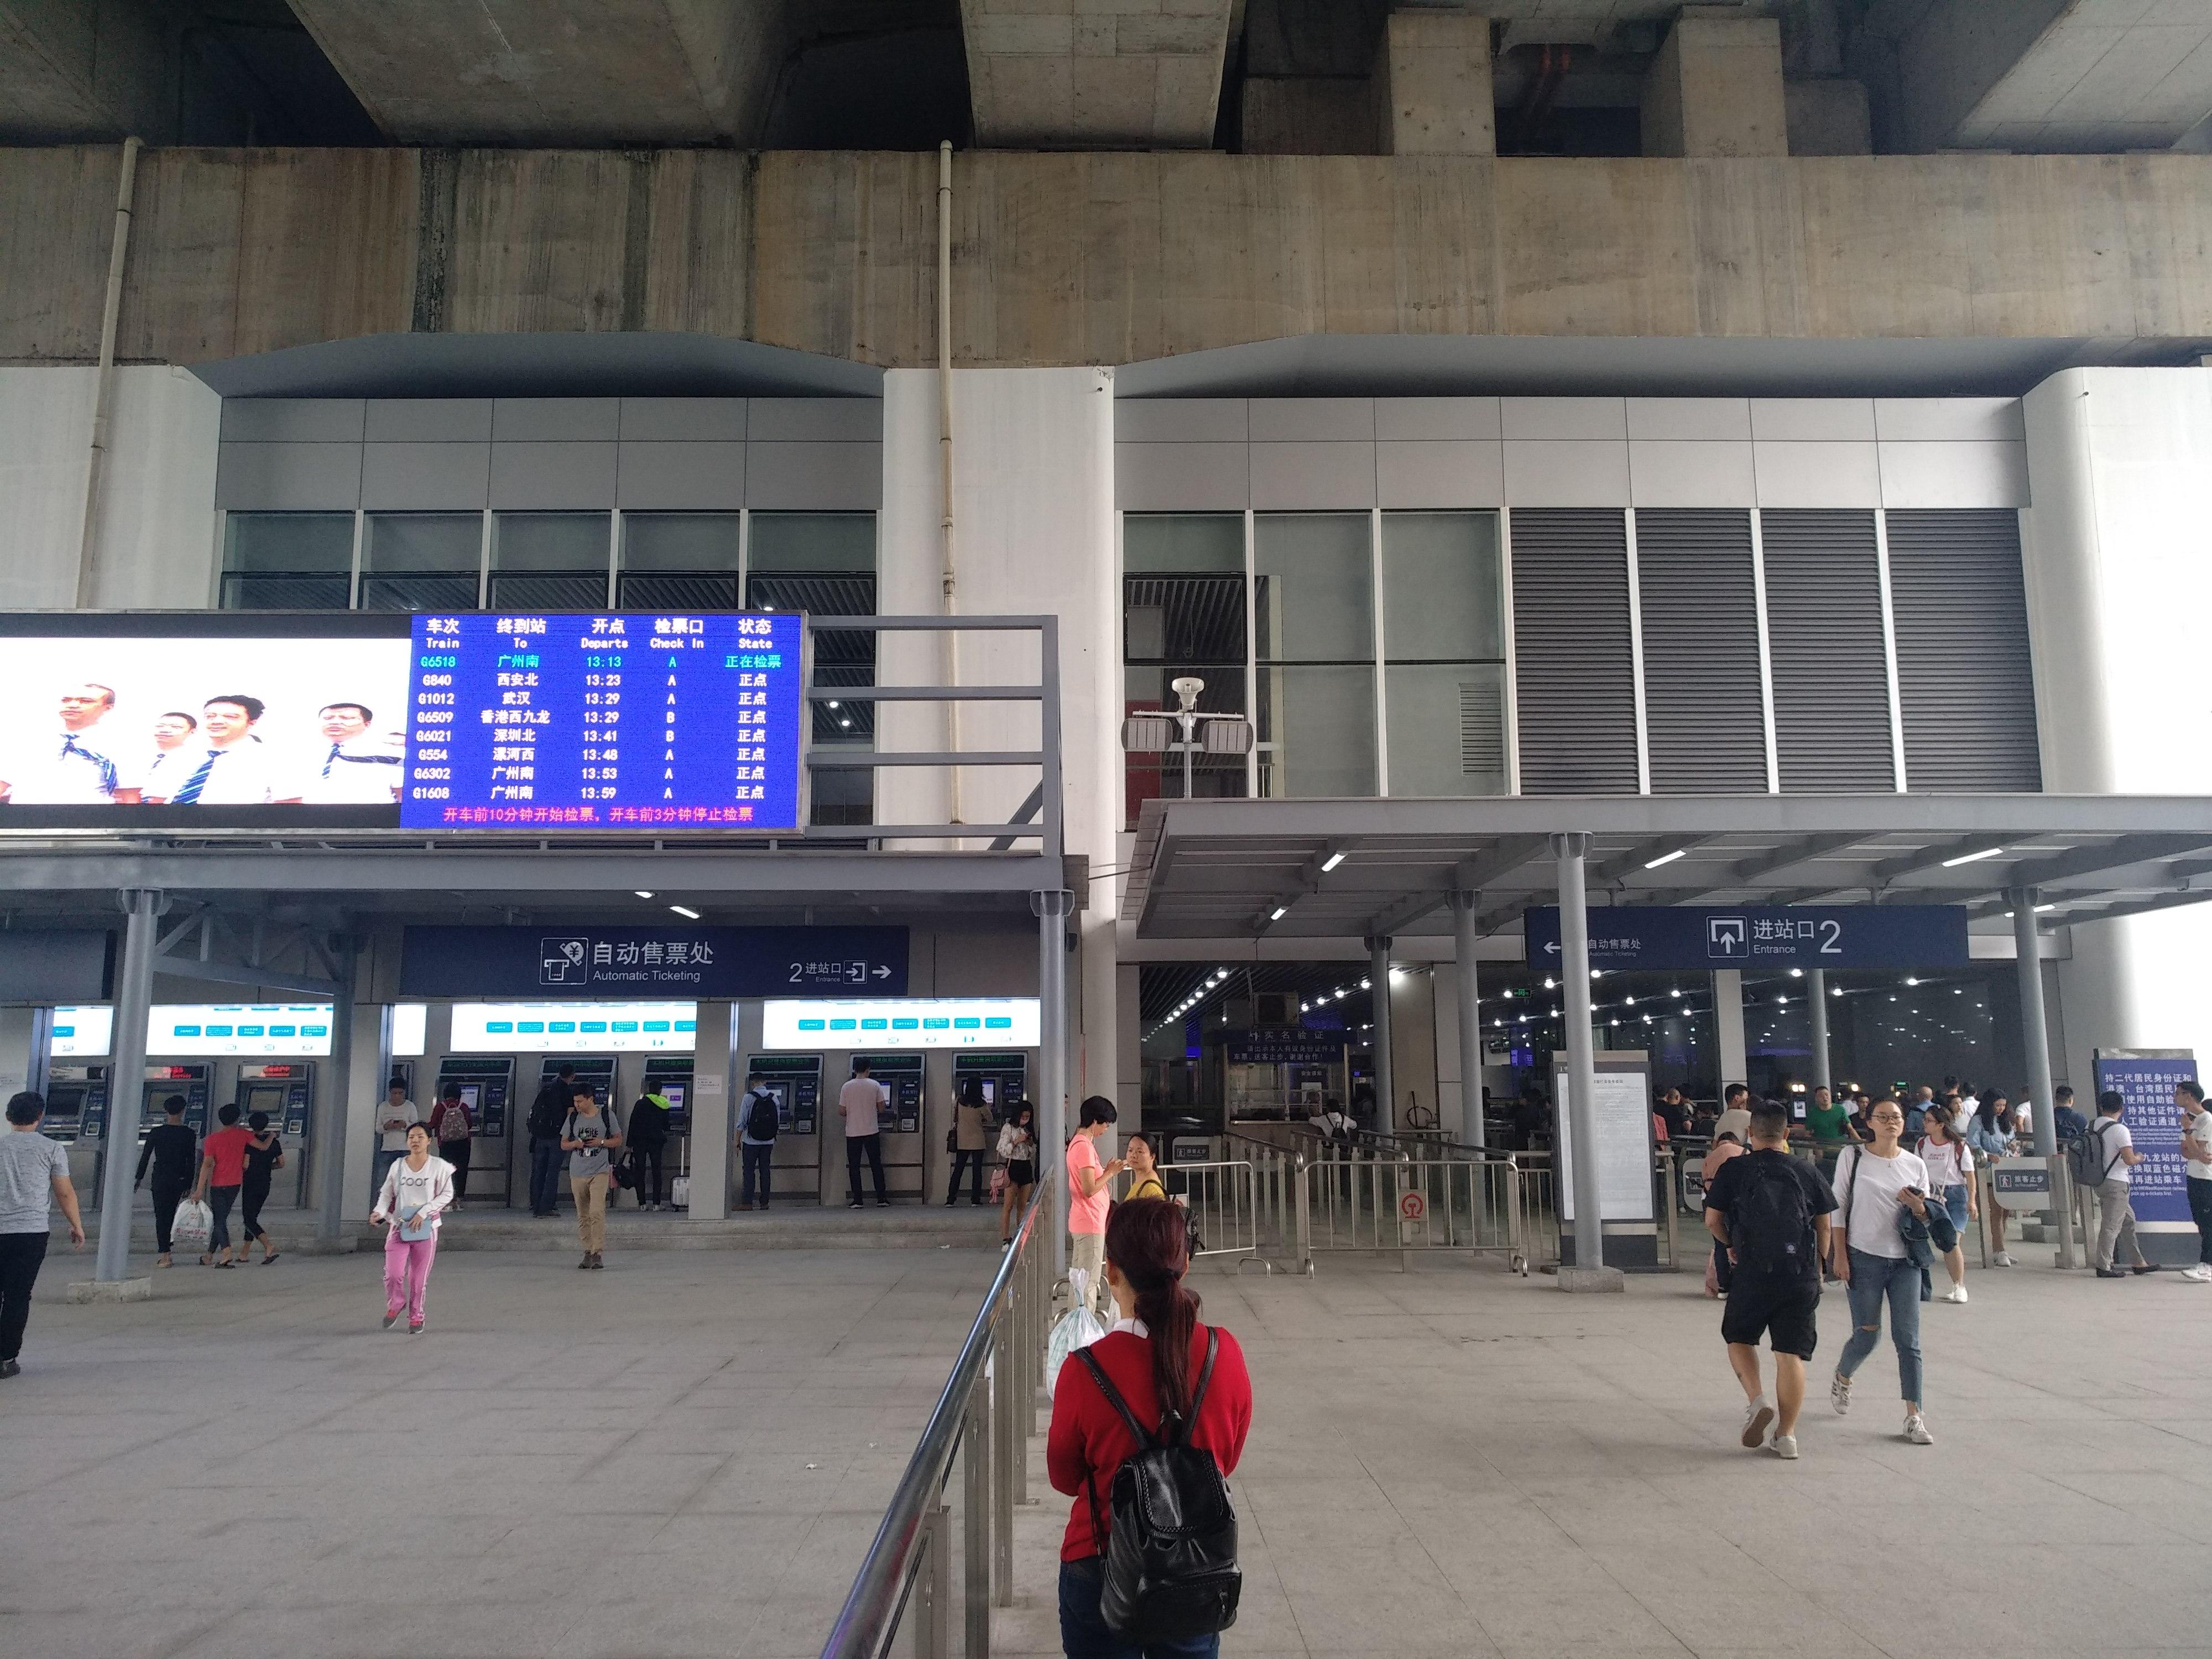 Bejárat az állomás területére